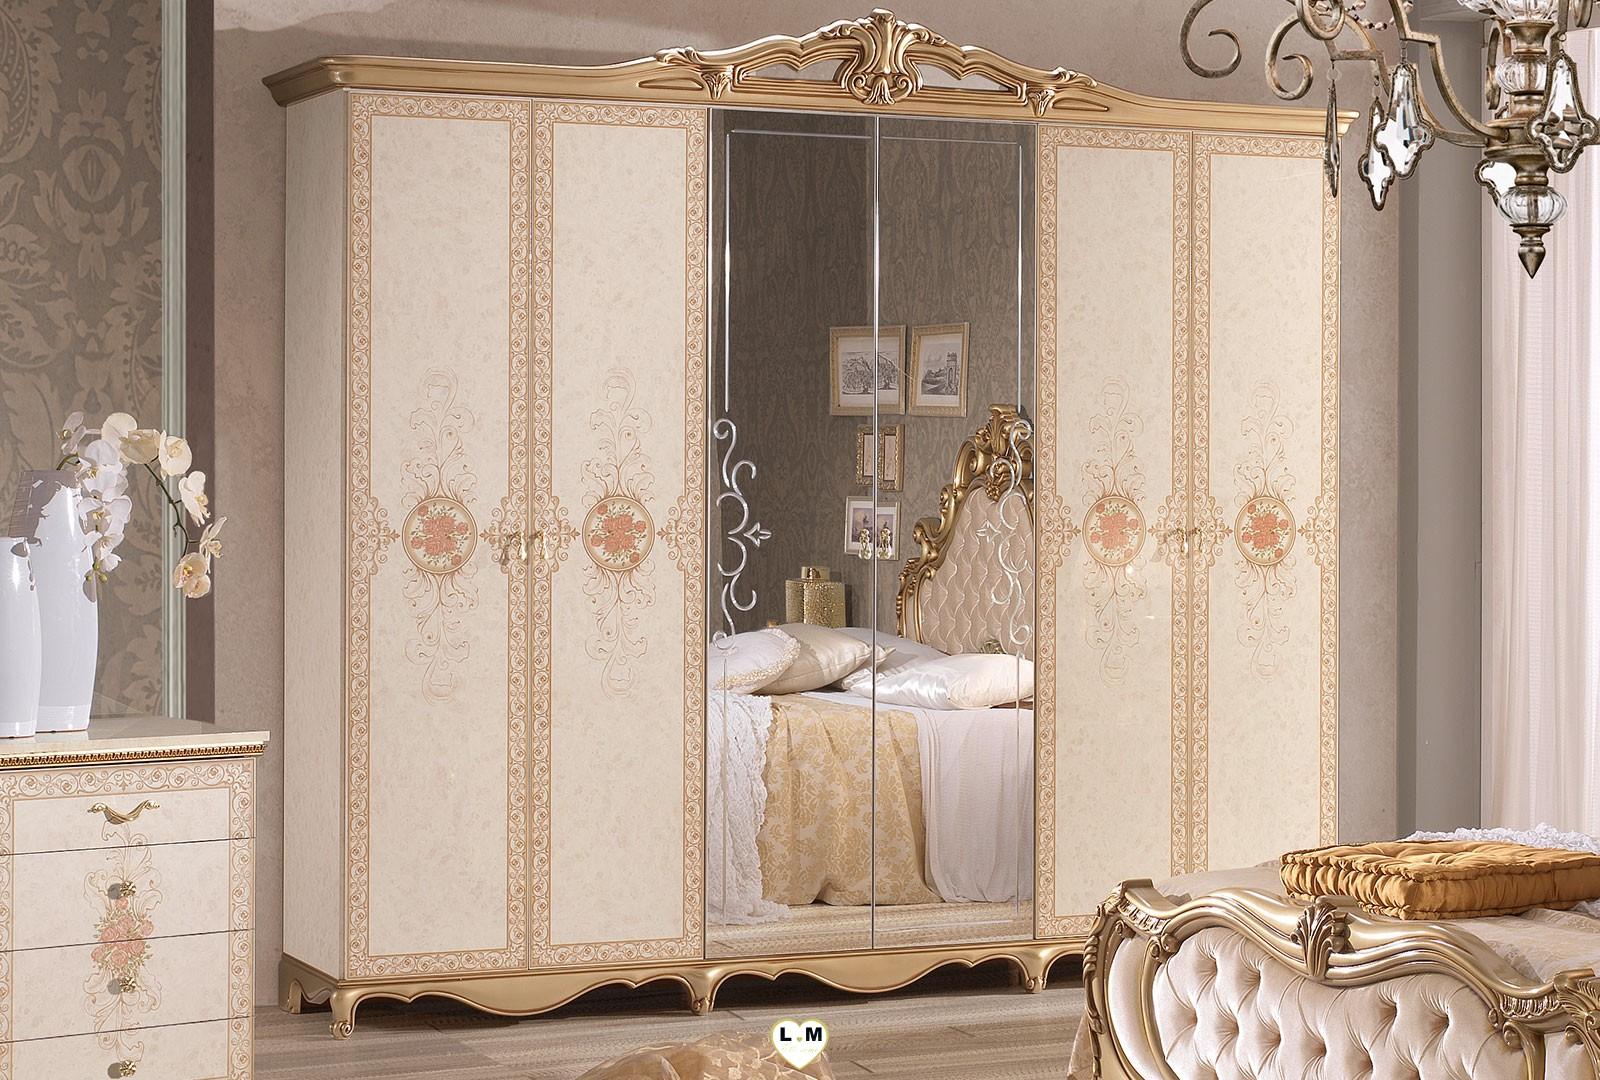 Taly laque ivoire et dore ensemble chambre a coucher for Chambre a coucher 6 portes